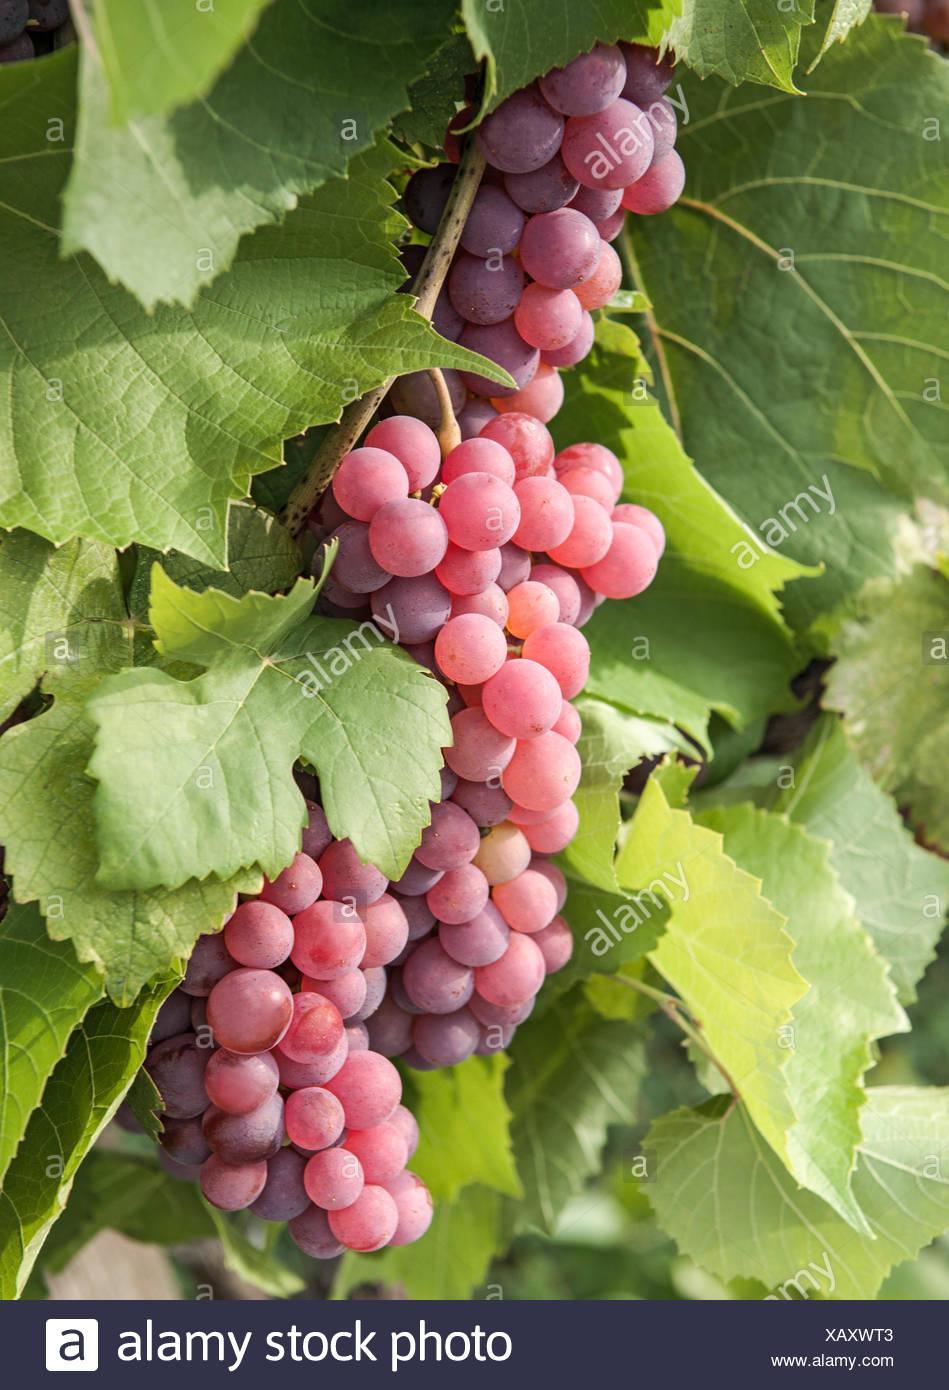 Weintrauben, Gewürztraminer, Weißweinsorte, Blätter, Weingarten, Gumpoldskirchen, Niederösterreich Stockbild